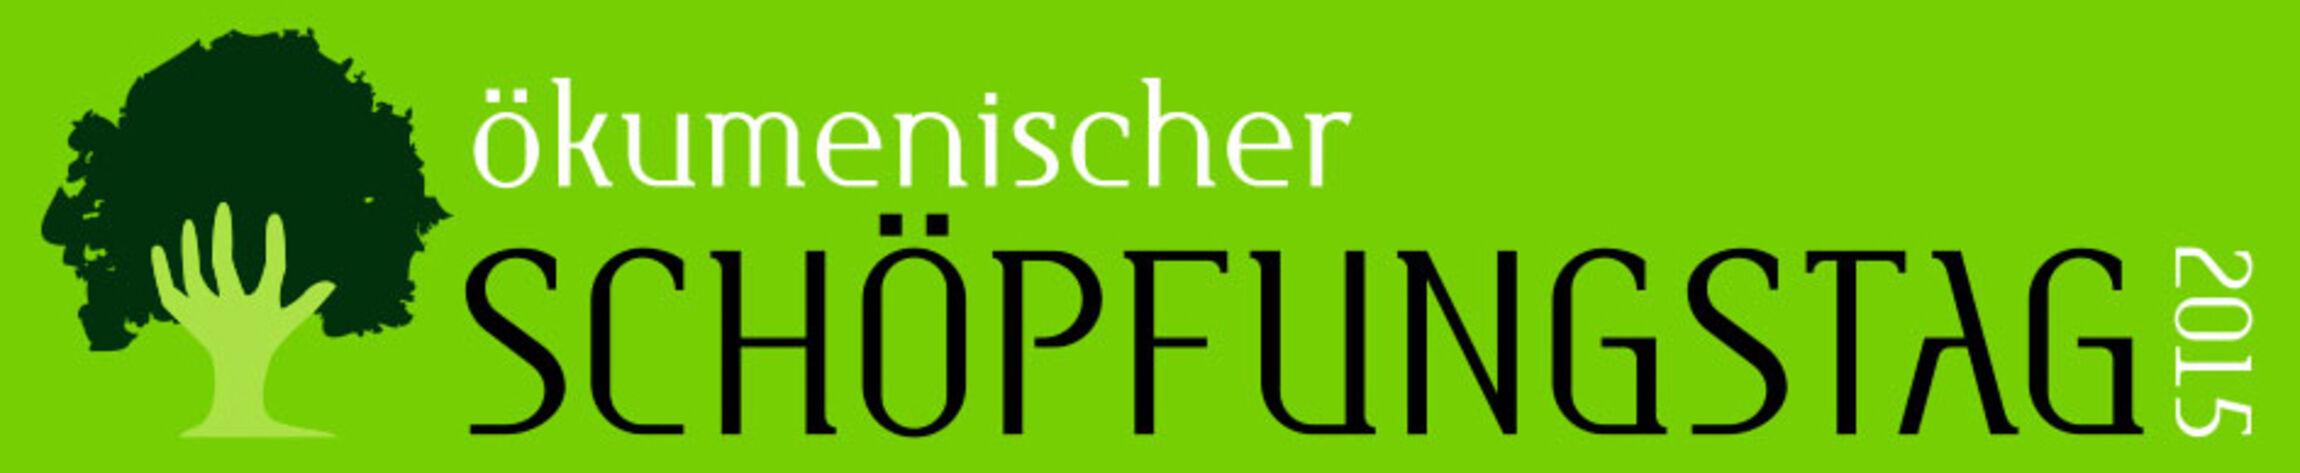 schoepfungstag2015_banner02